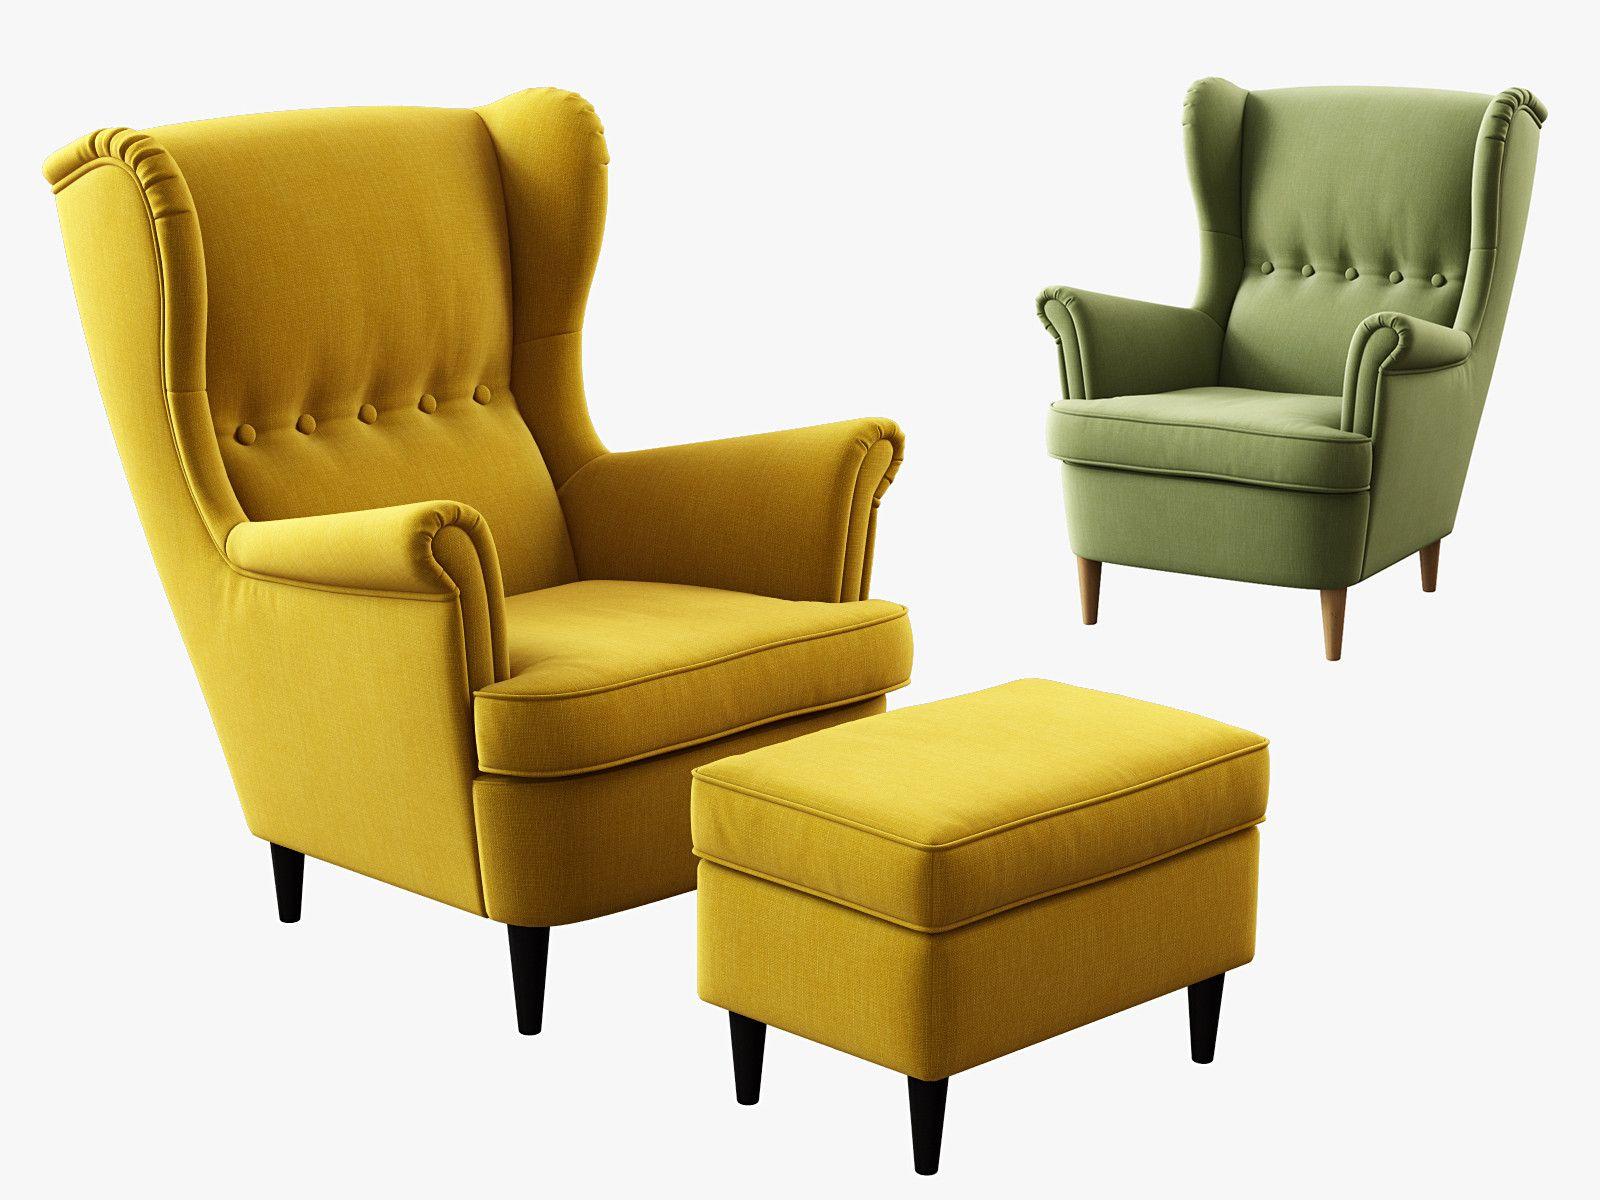 3D Model Ikea Strandmon Wing Chair Ottoman   3D Model